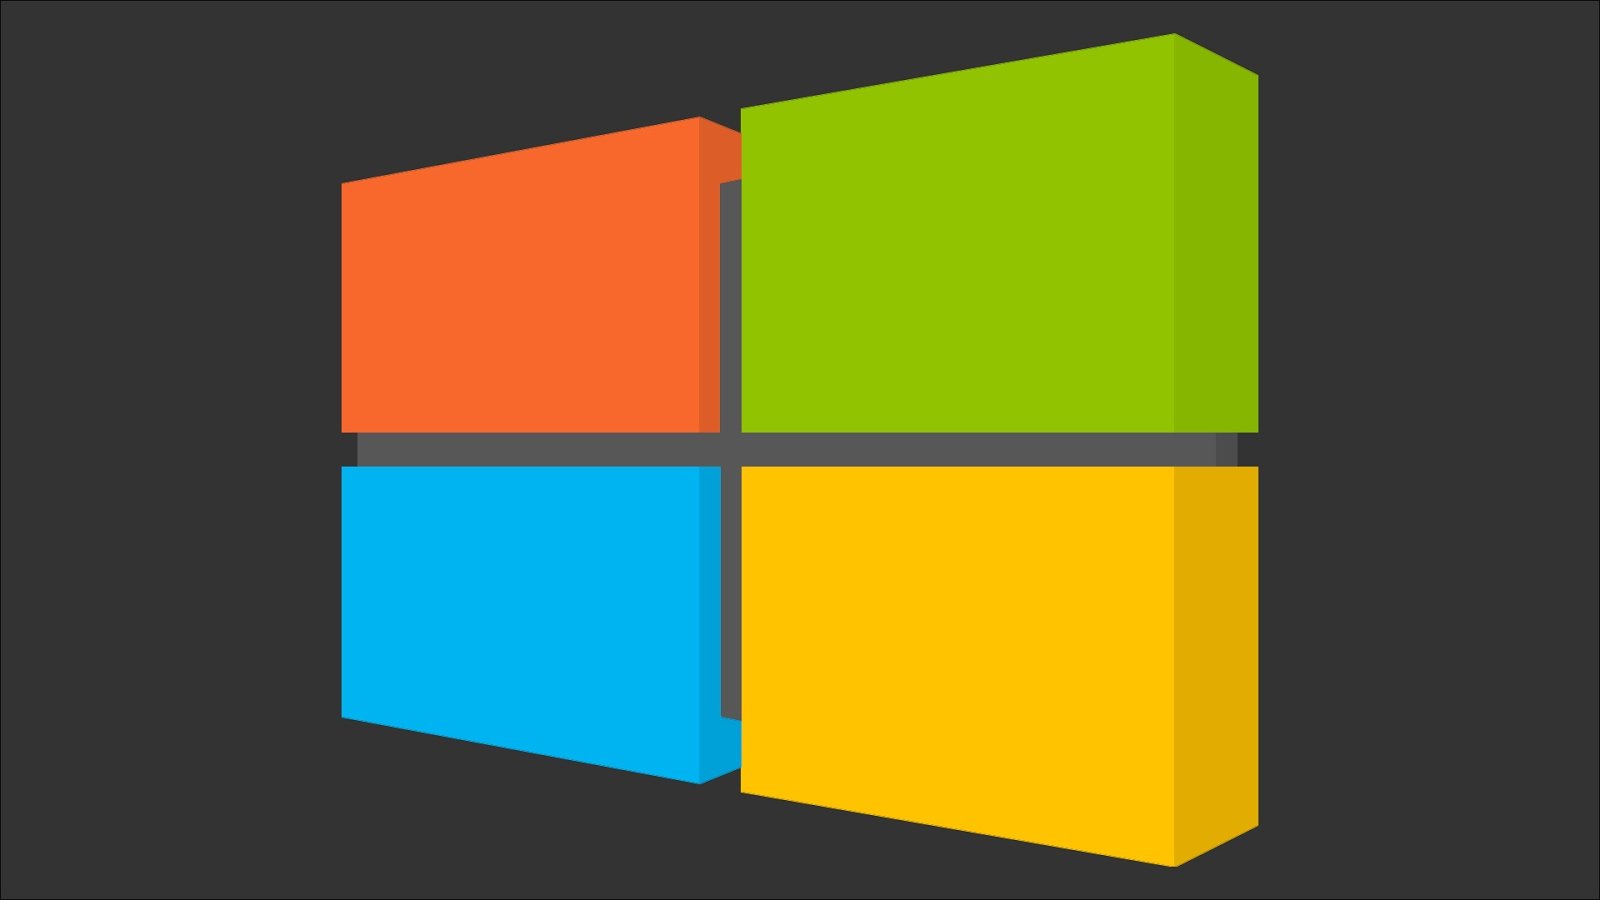 Piston 39 s files for Bureau 3d windows 10